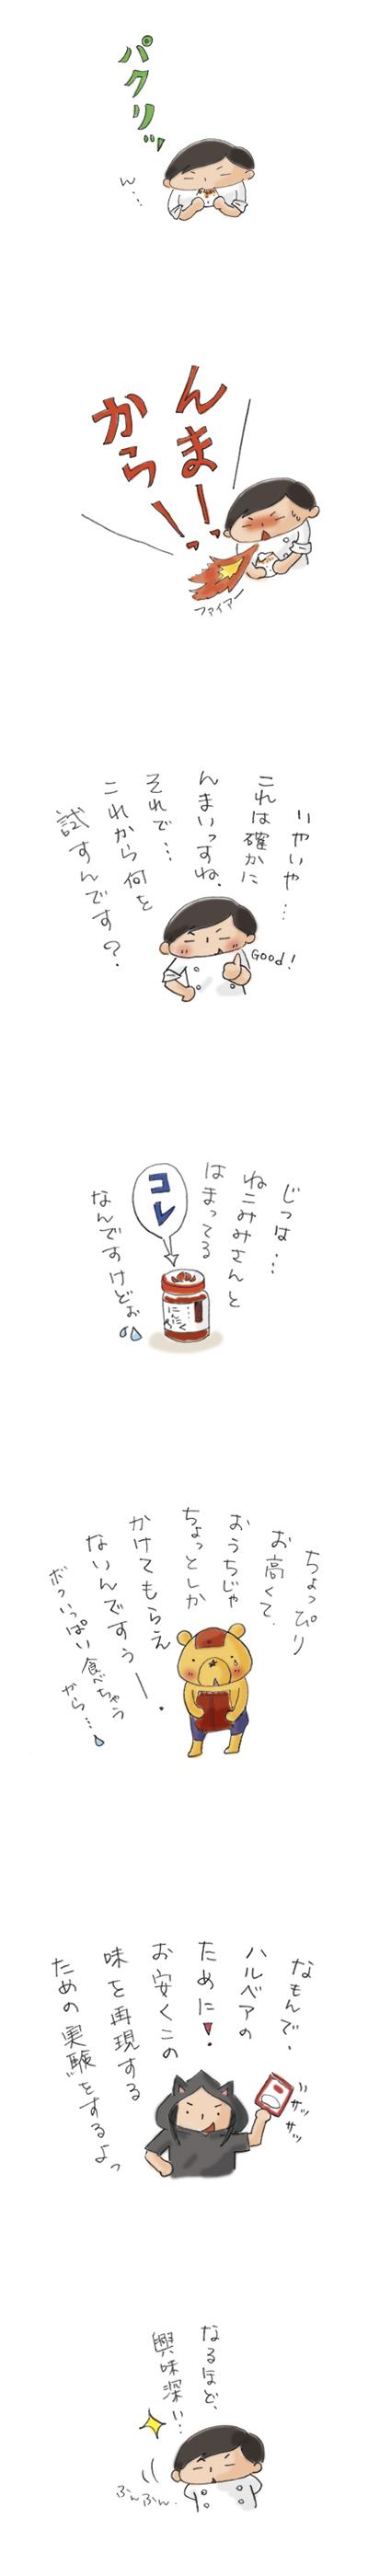 実験ですぅ〜!2